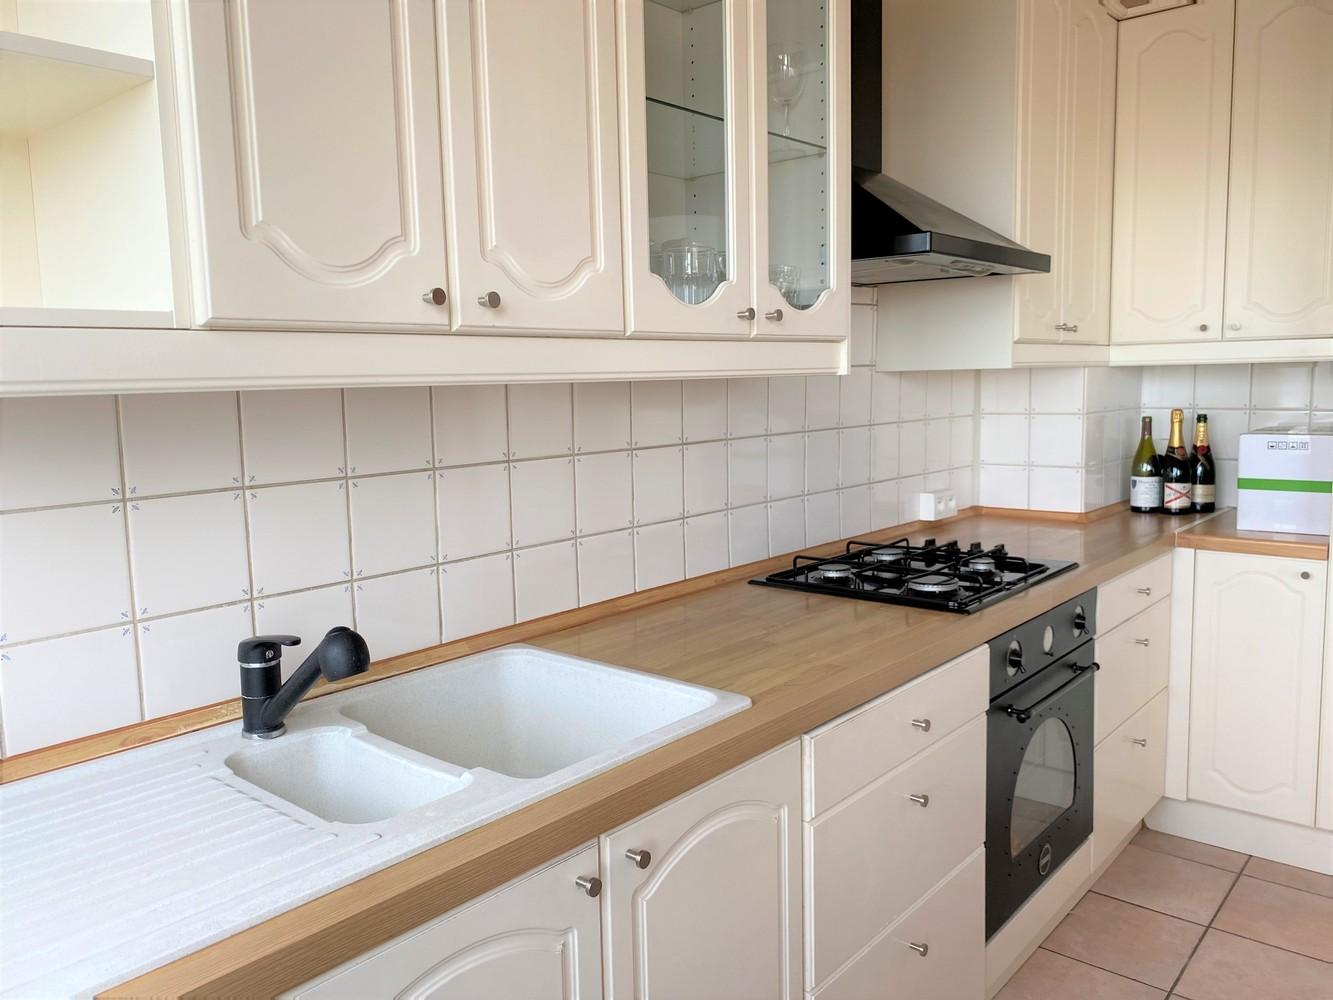 Lichtrijk, bemeubeld en ruim appartement met 2 slaapkamers & een uniek uitzicht over Antwerpen! afbeelding 8